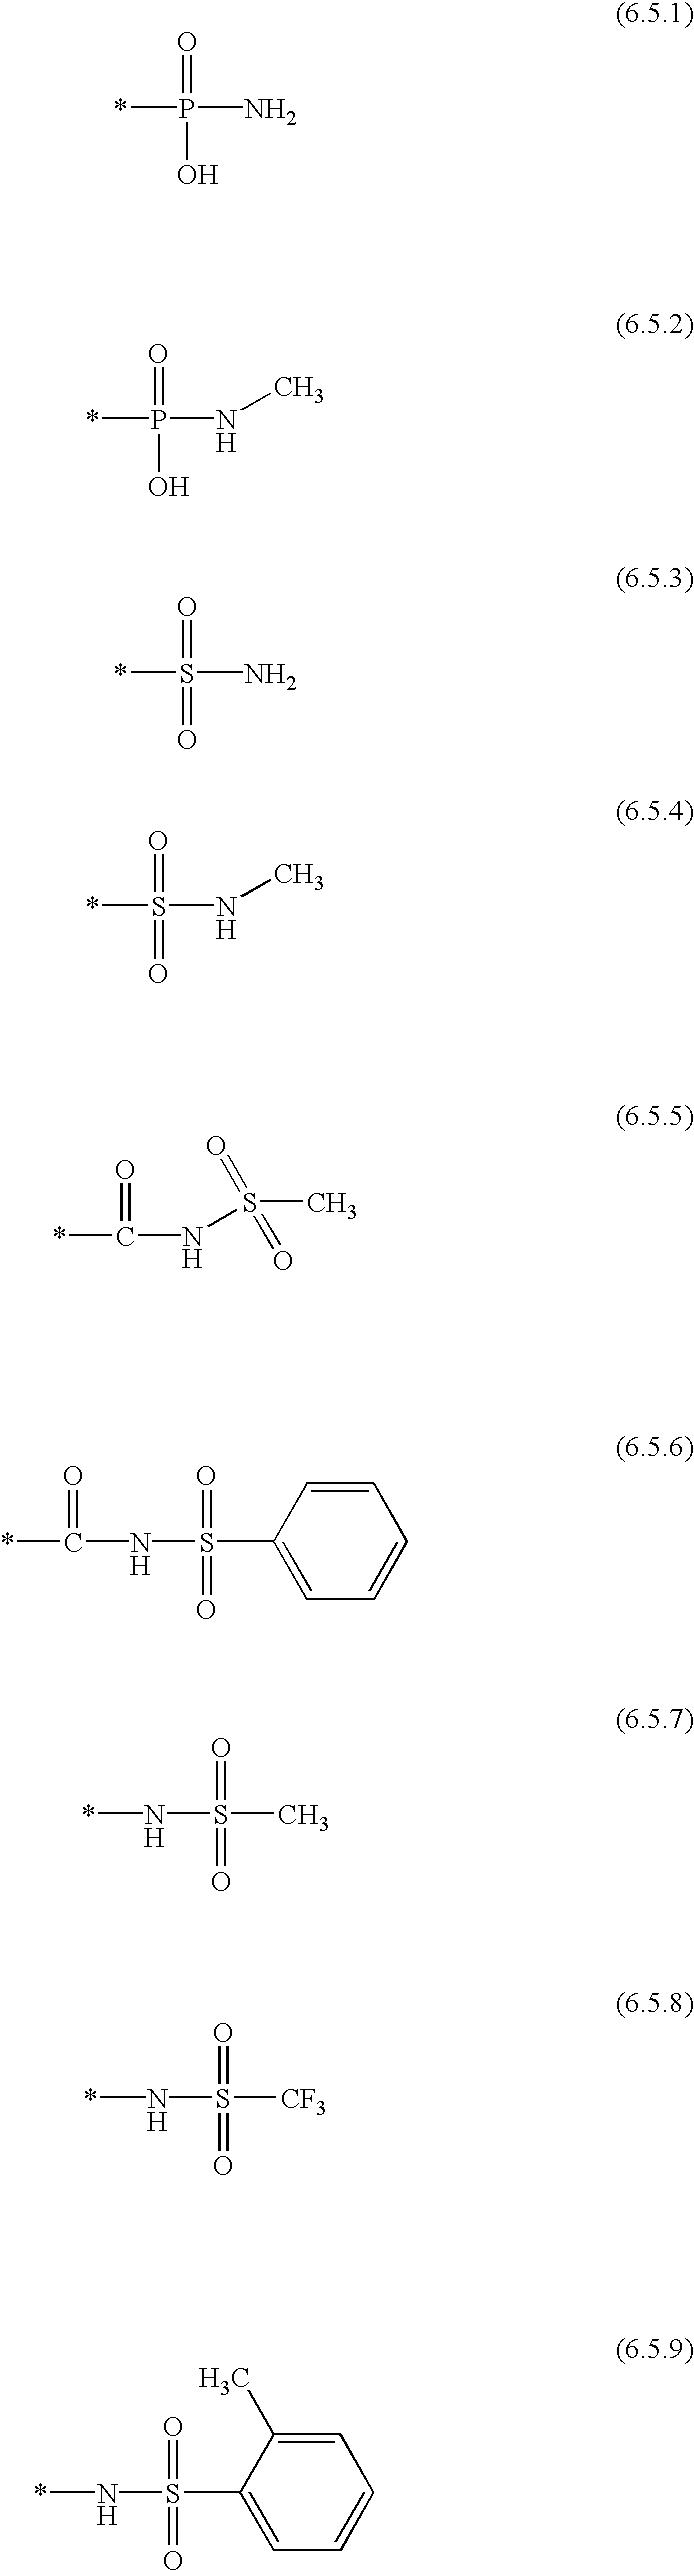 Figure US20020123520A1-20020905-C00102